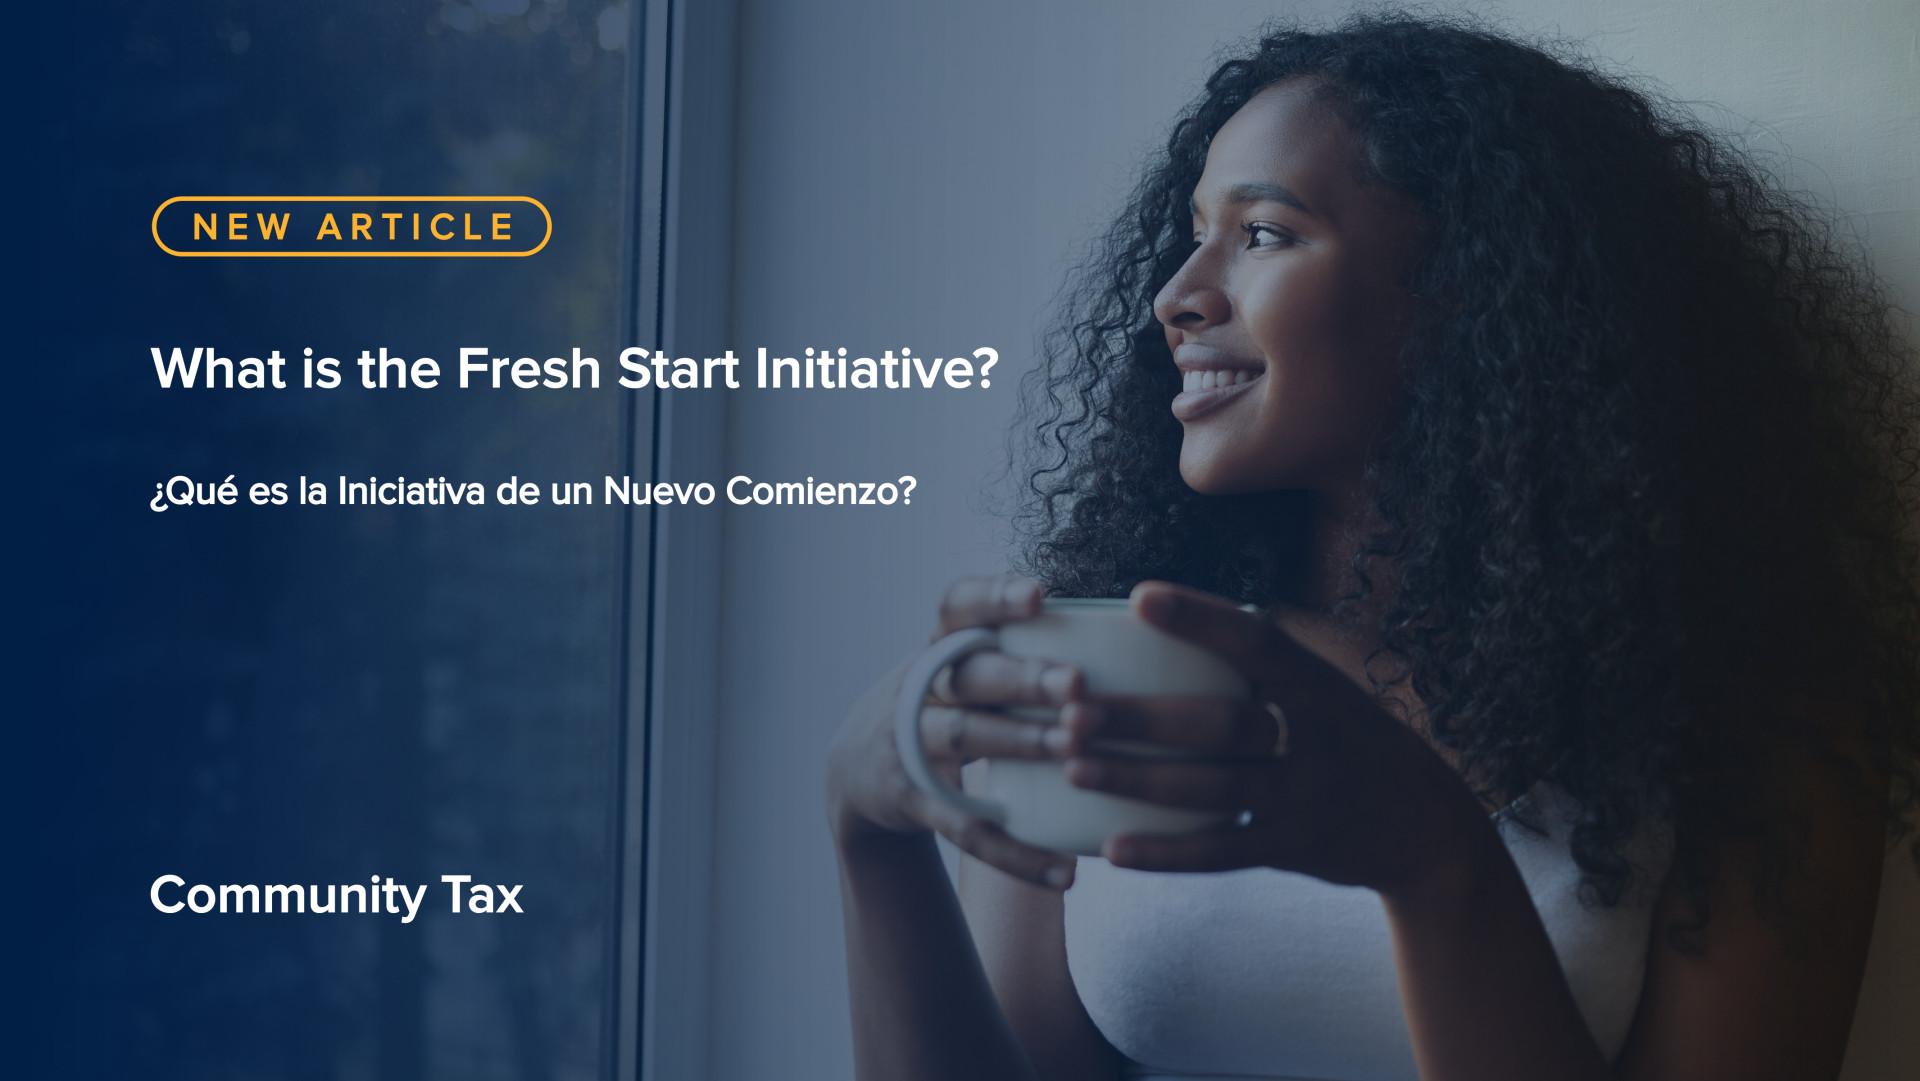 ¿Qué es la Iniciativa de un Nuevo Comienzo?